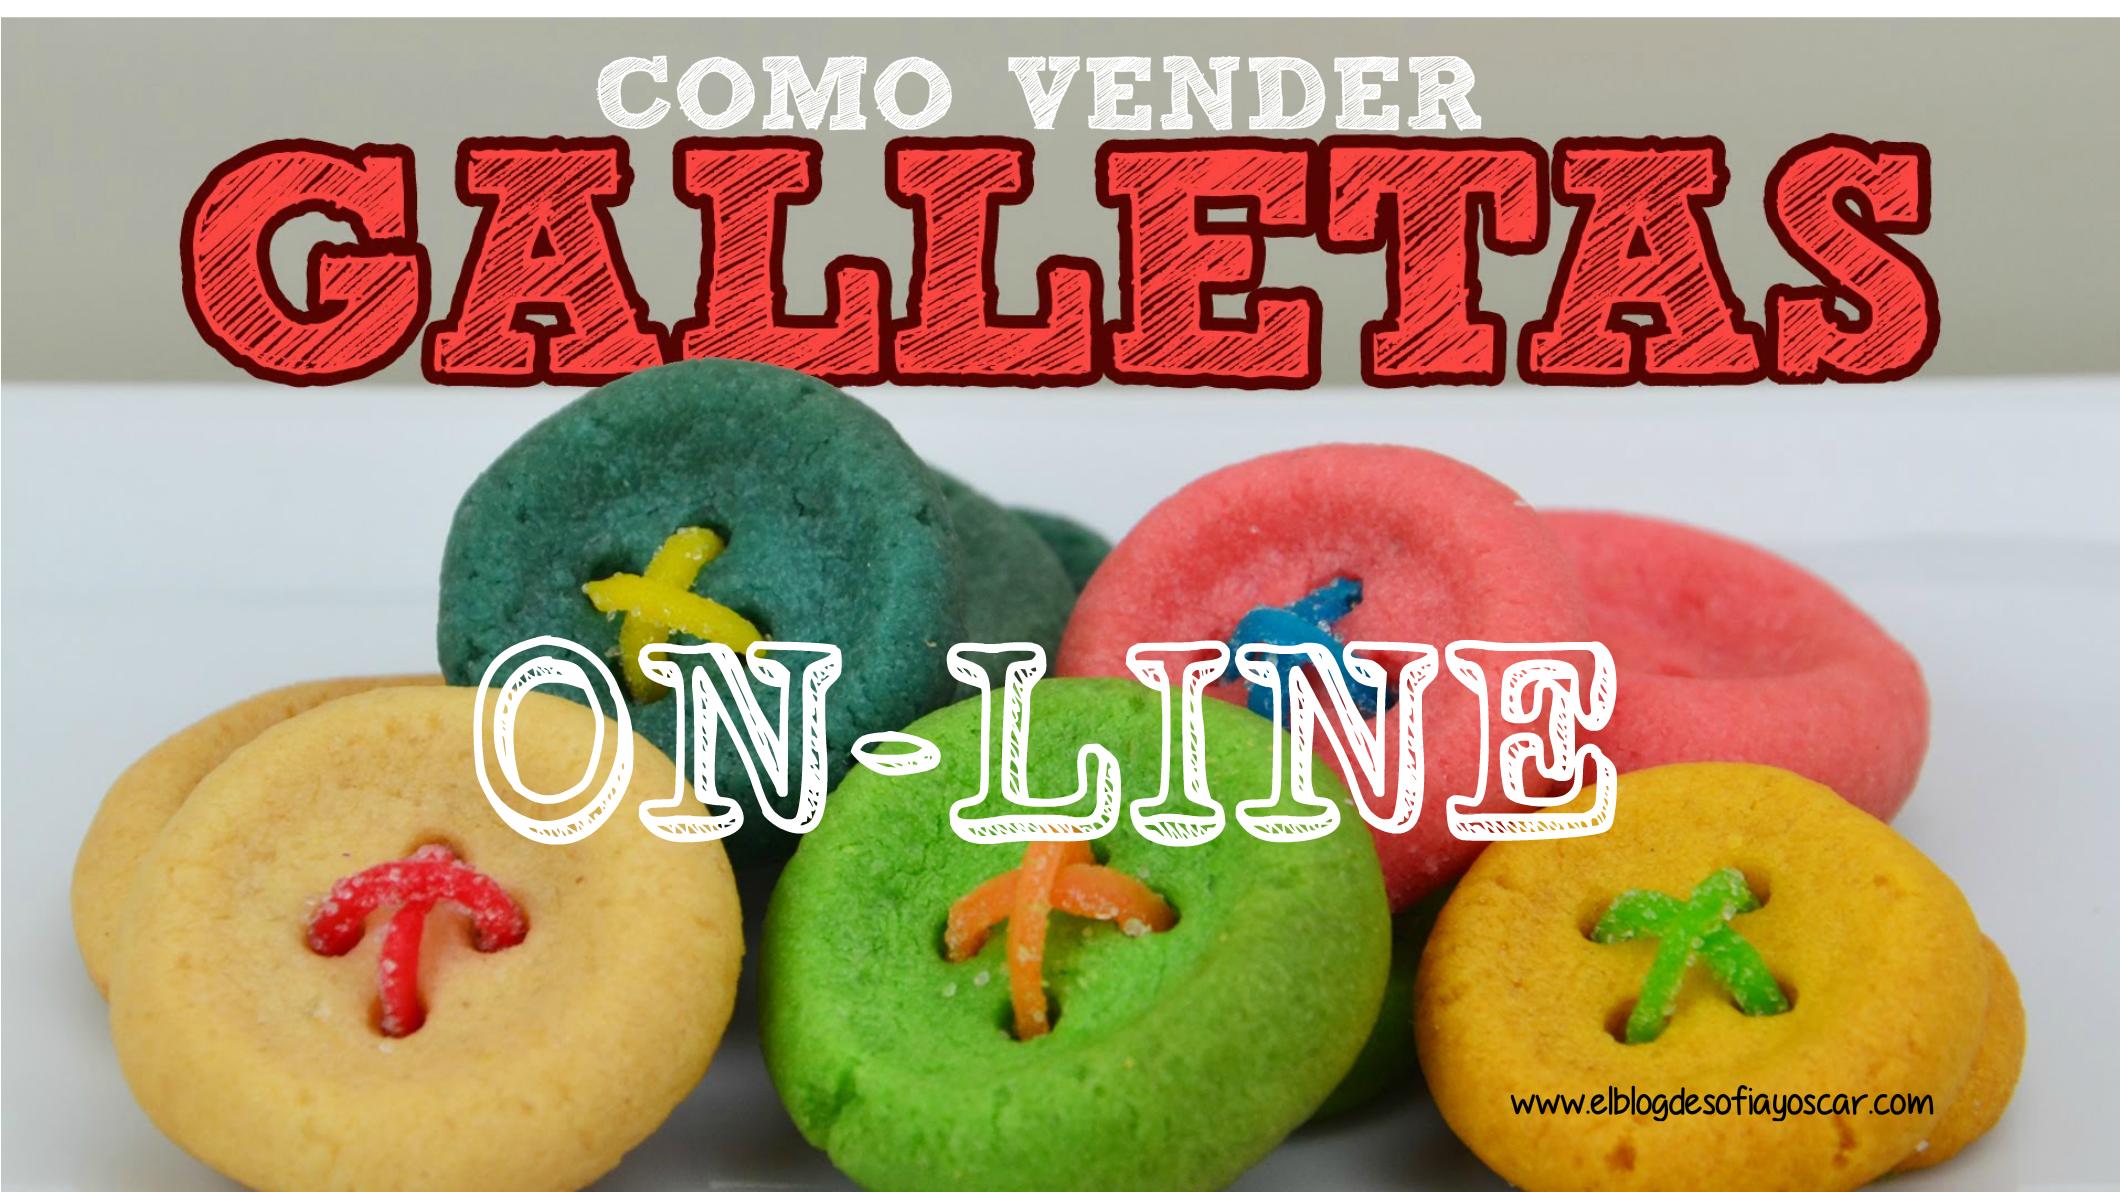 Cómo vender galletas online y vivir de internet